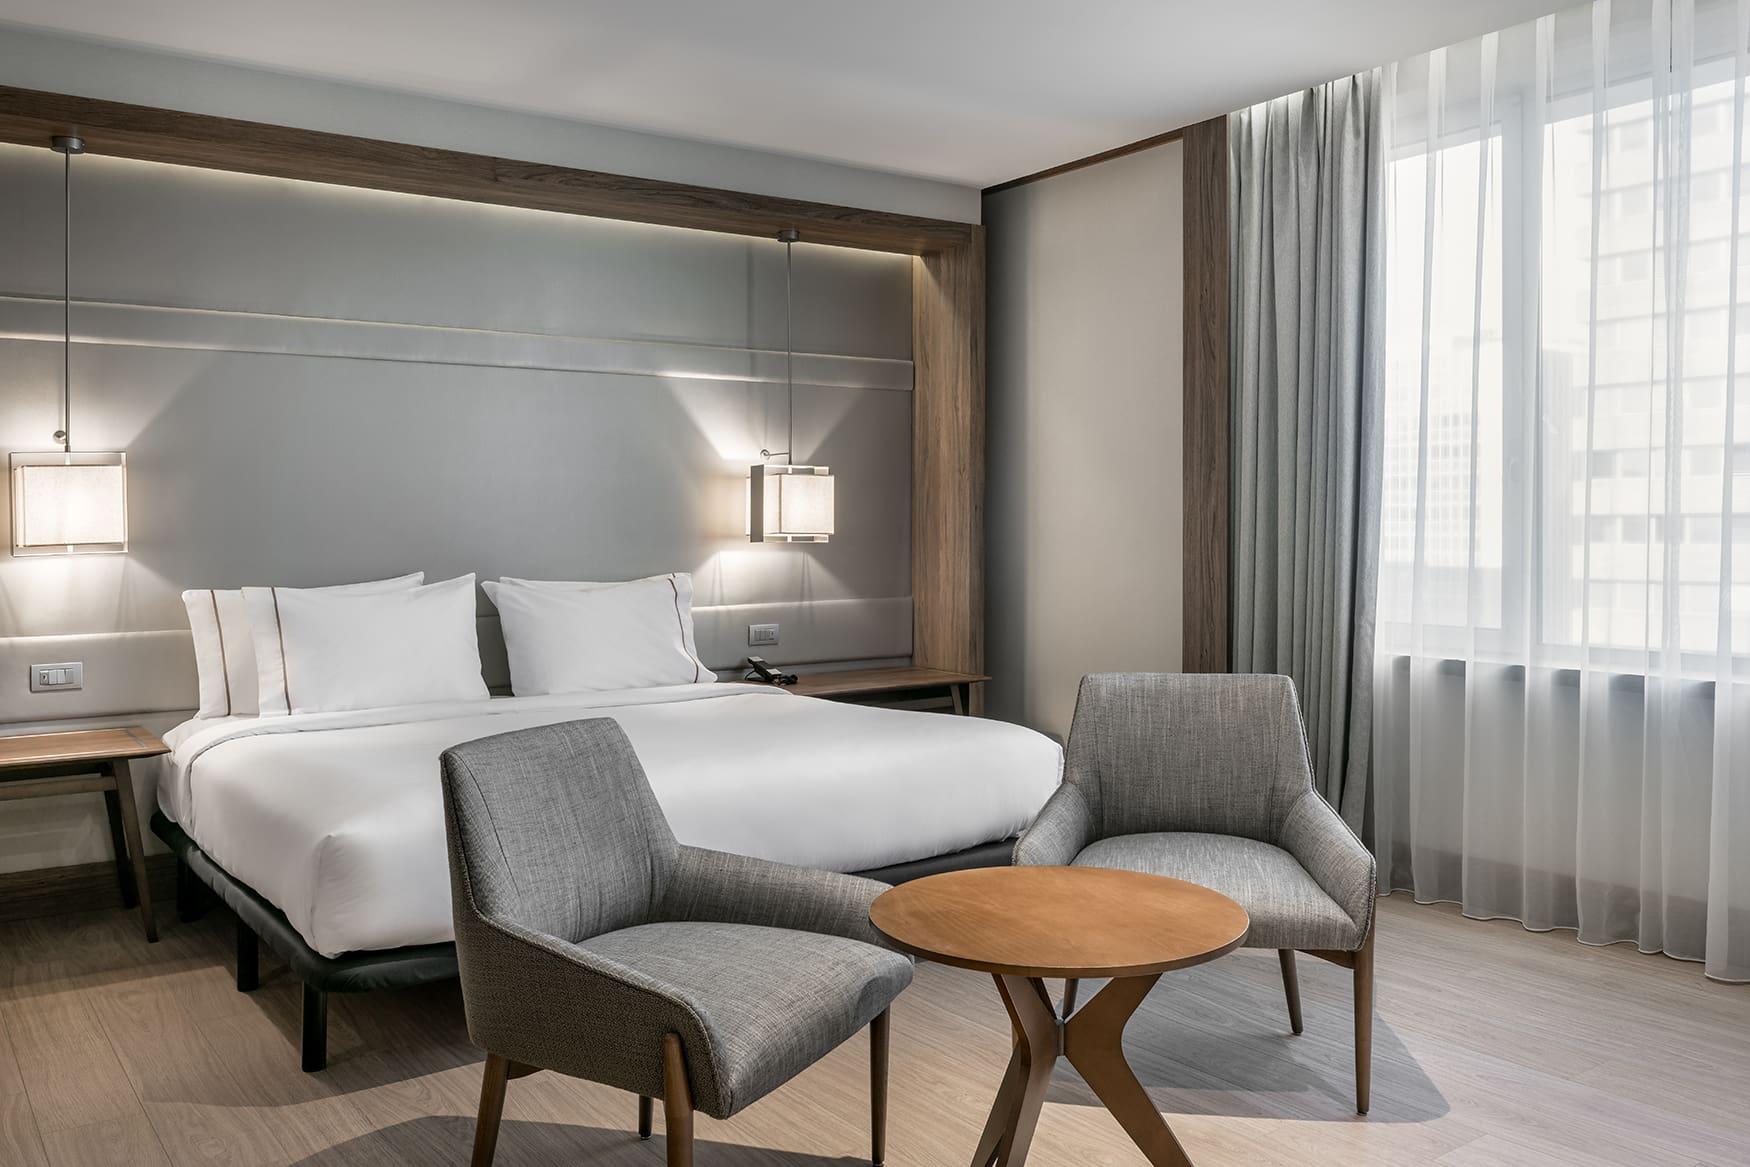 Grau- und Erdtöne dominieren das Interior der Zimmer im AC Hotel Cuzco in Madrid